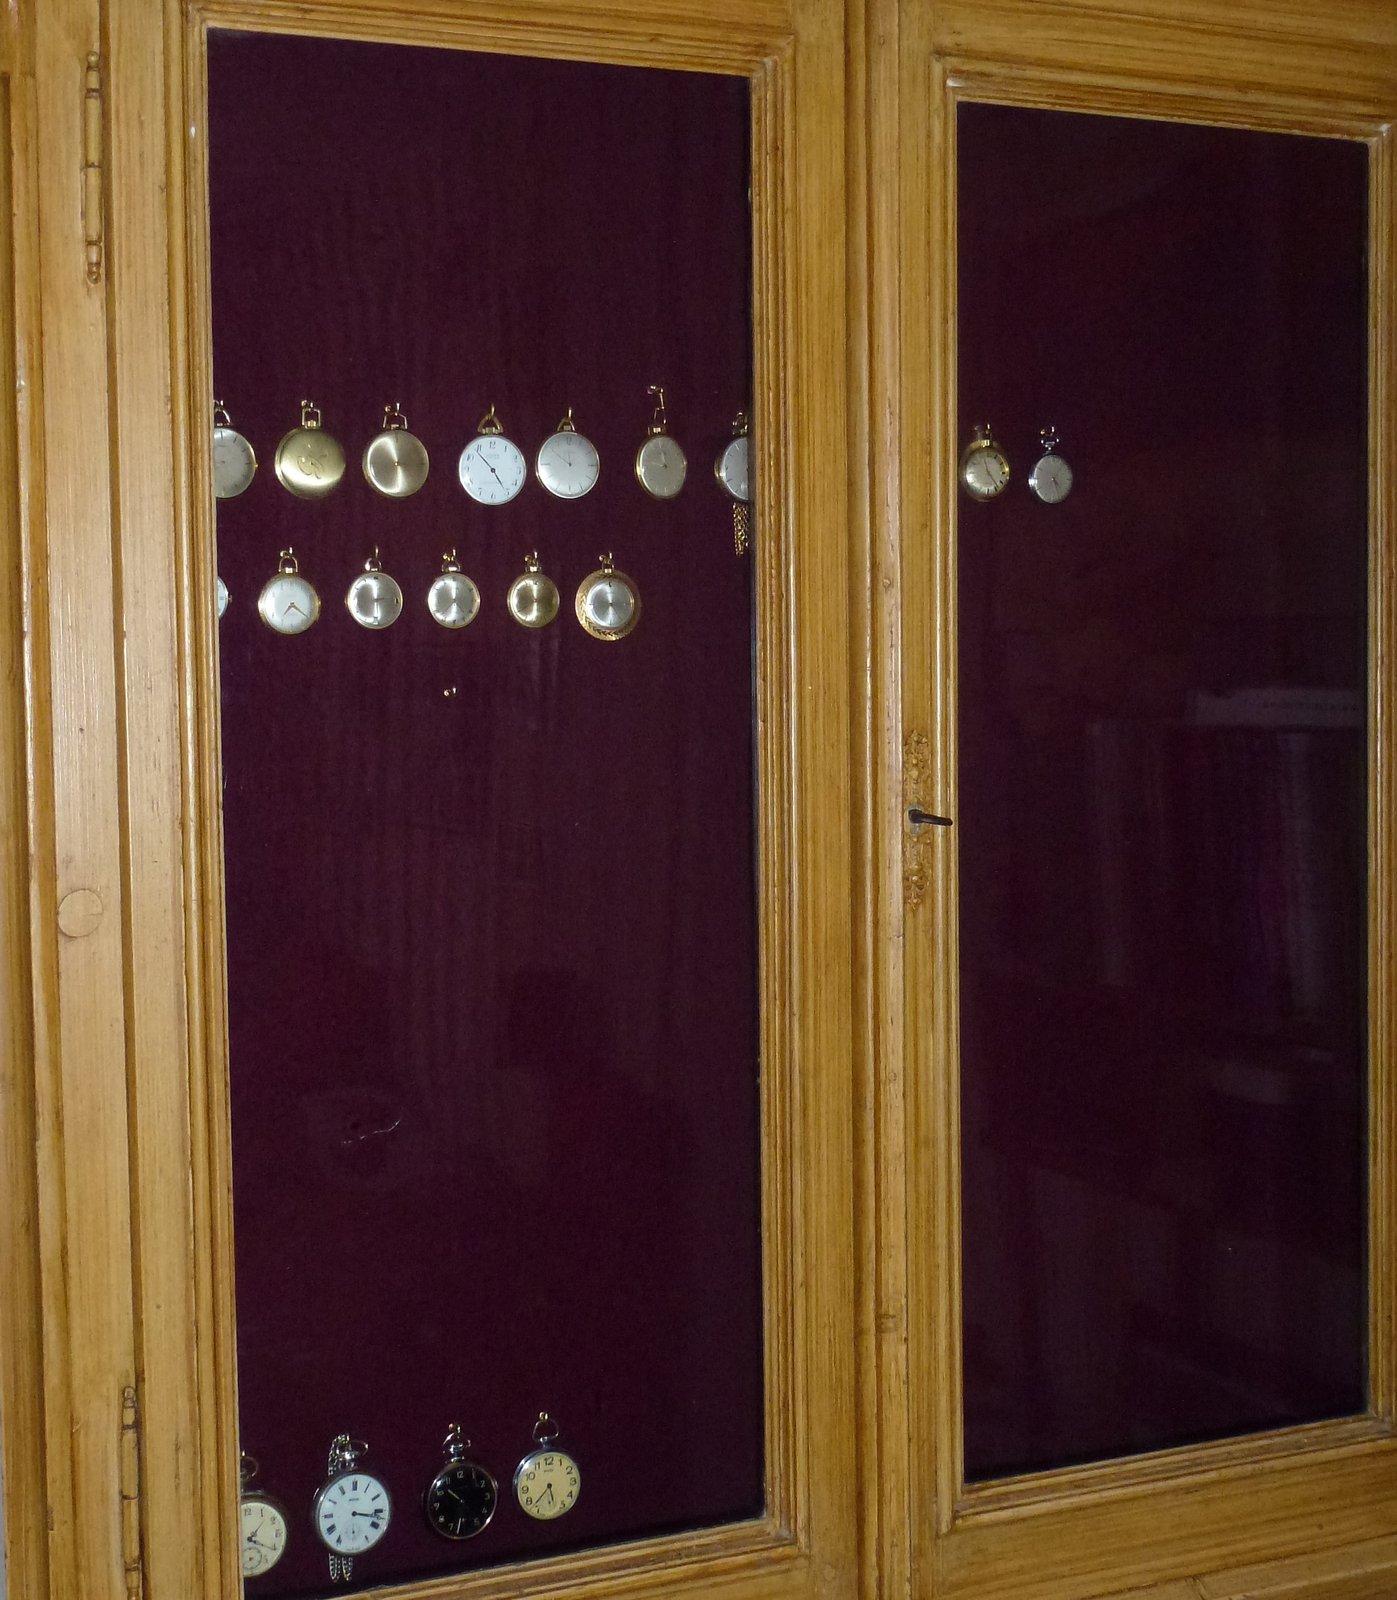 taschenuhrenaufbewahrung wie sehen eure l sungen aus uhrforum. Black Bedroom Furniture Sets. Home Design Ideas